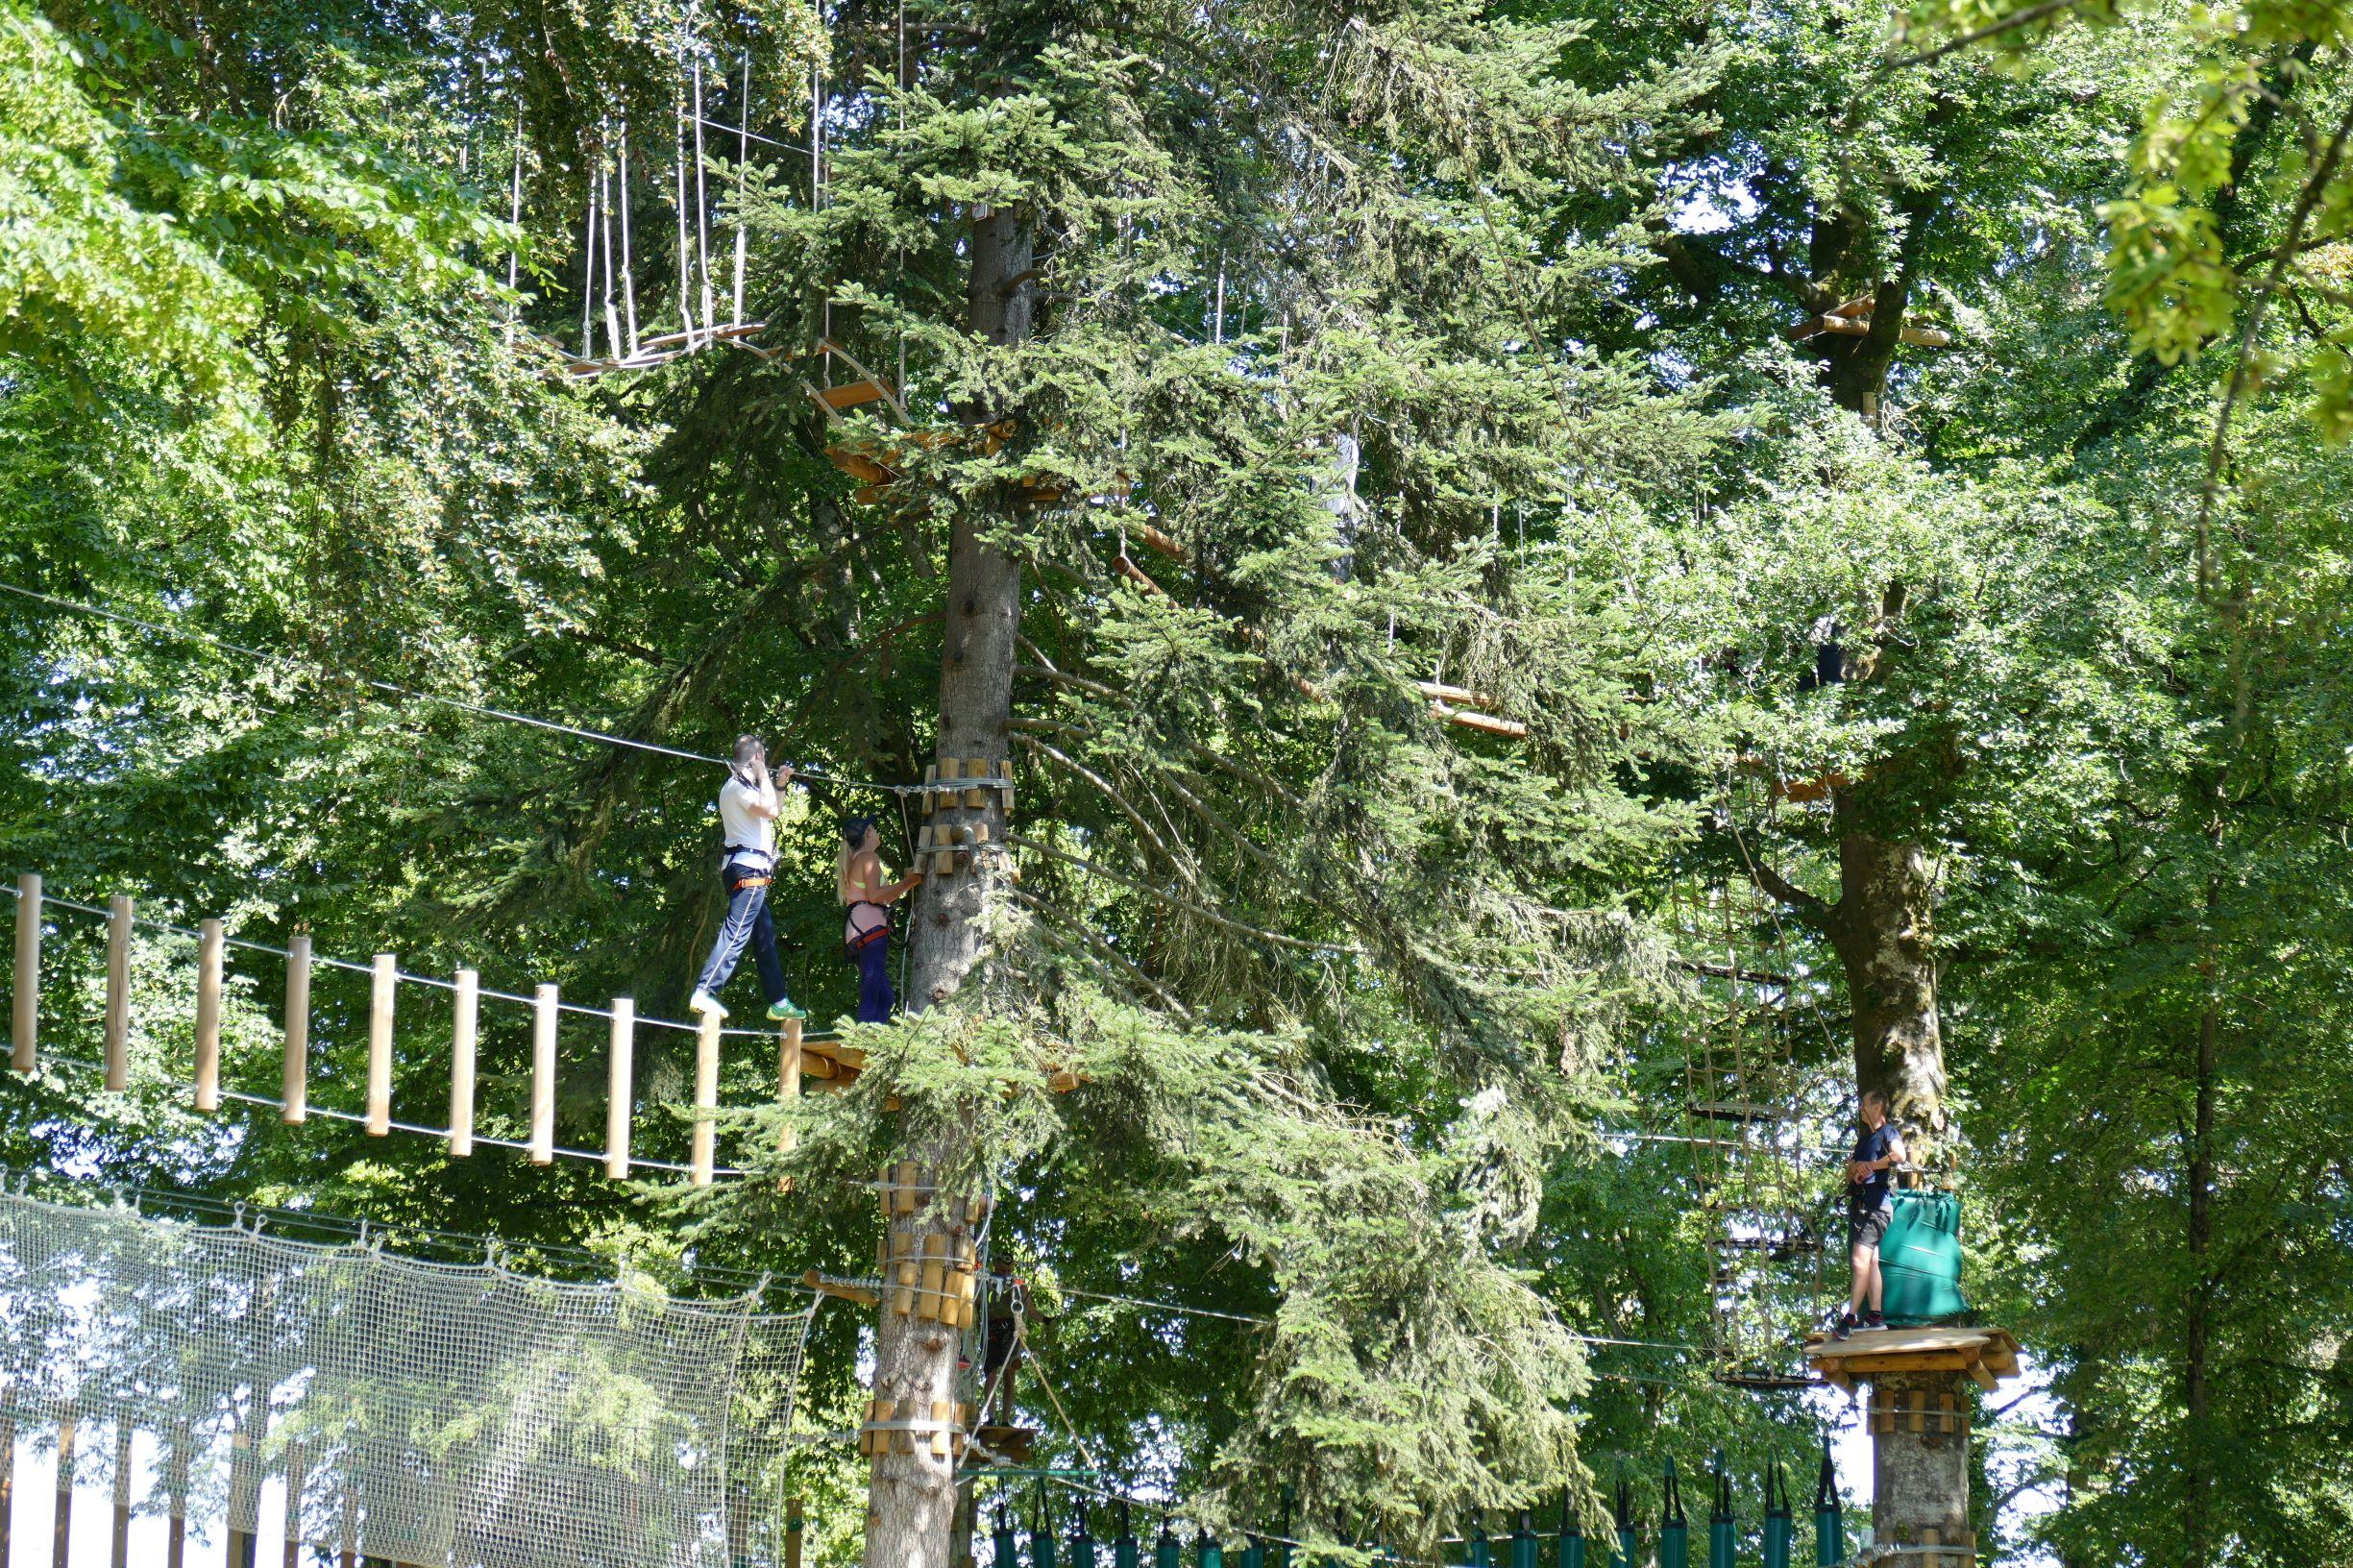 tyrolienne parc accrobranche louvemont